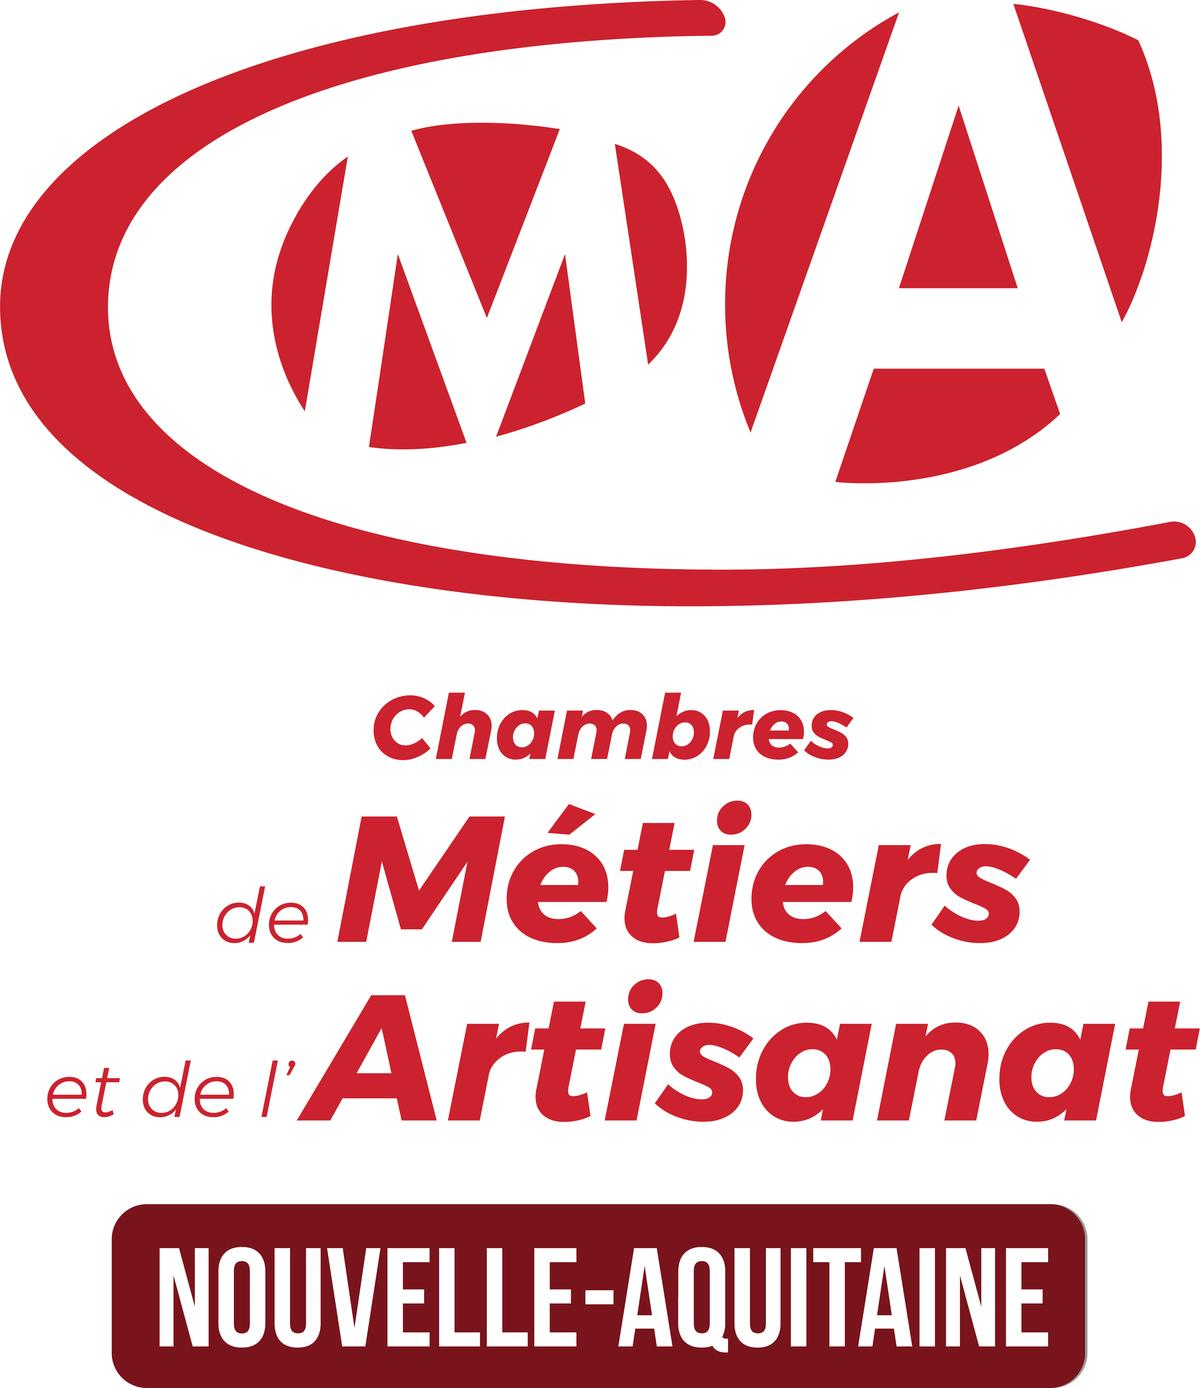 Chambre regionale de metiers et de l 39 artisanat nouvelle - Chambre des metiers mulhouse ...